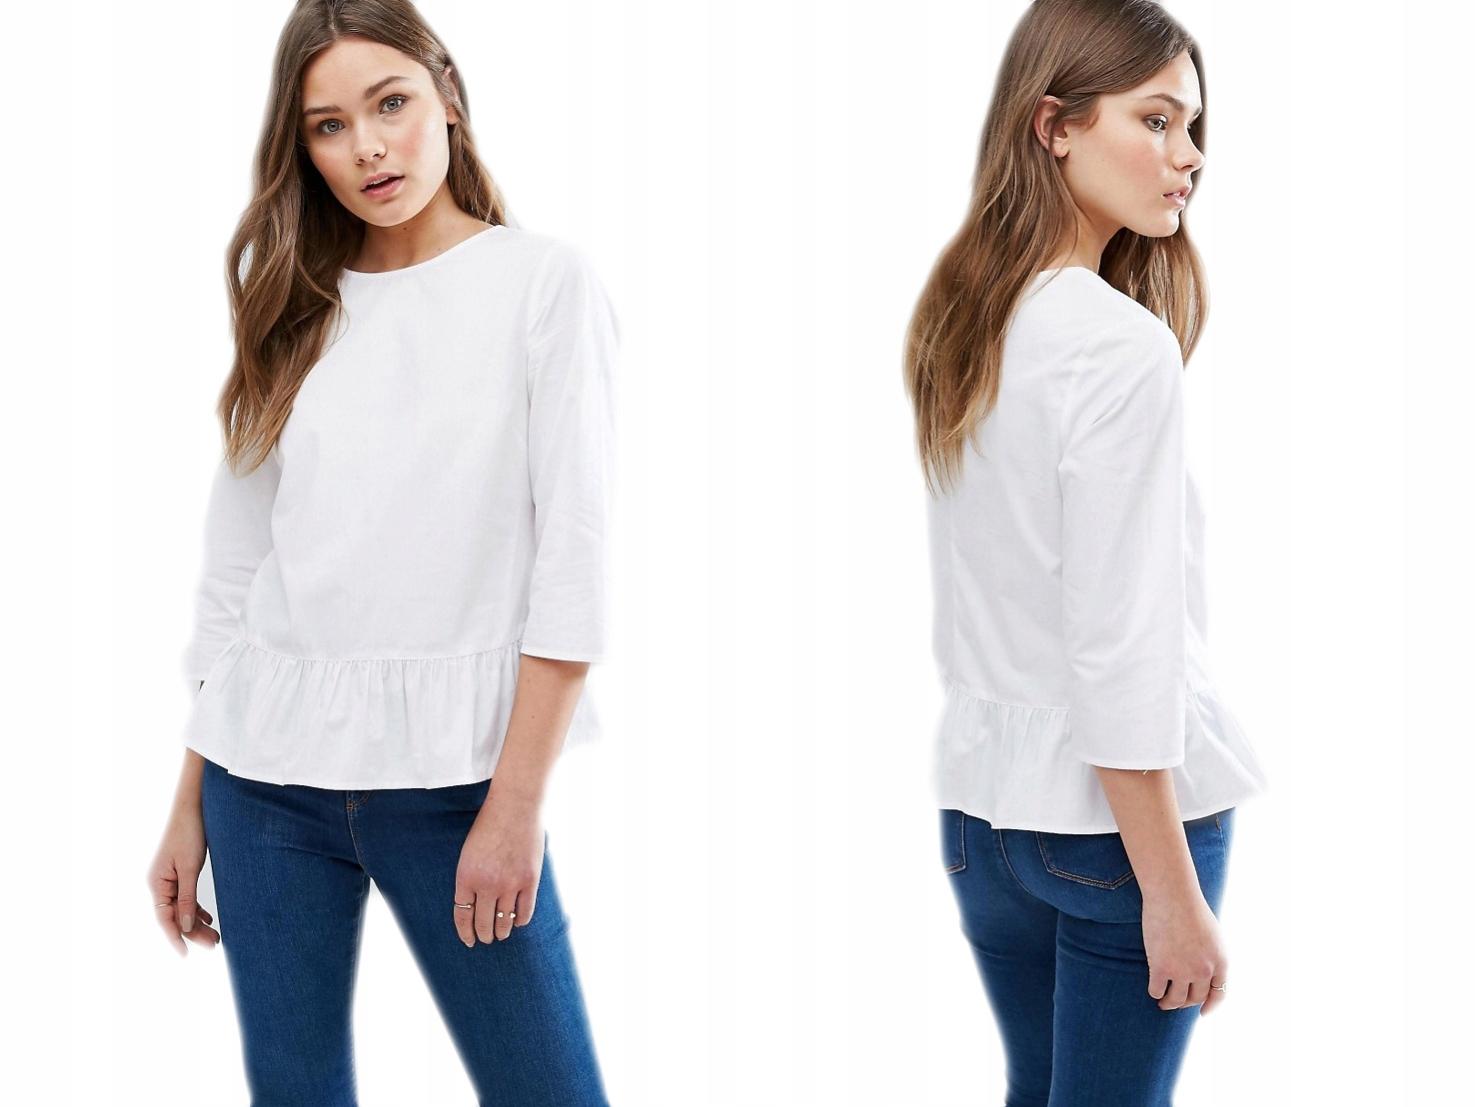 New Look biała bawełniana bluzka z falbanką 36/S